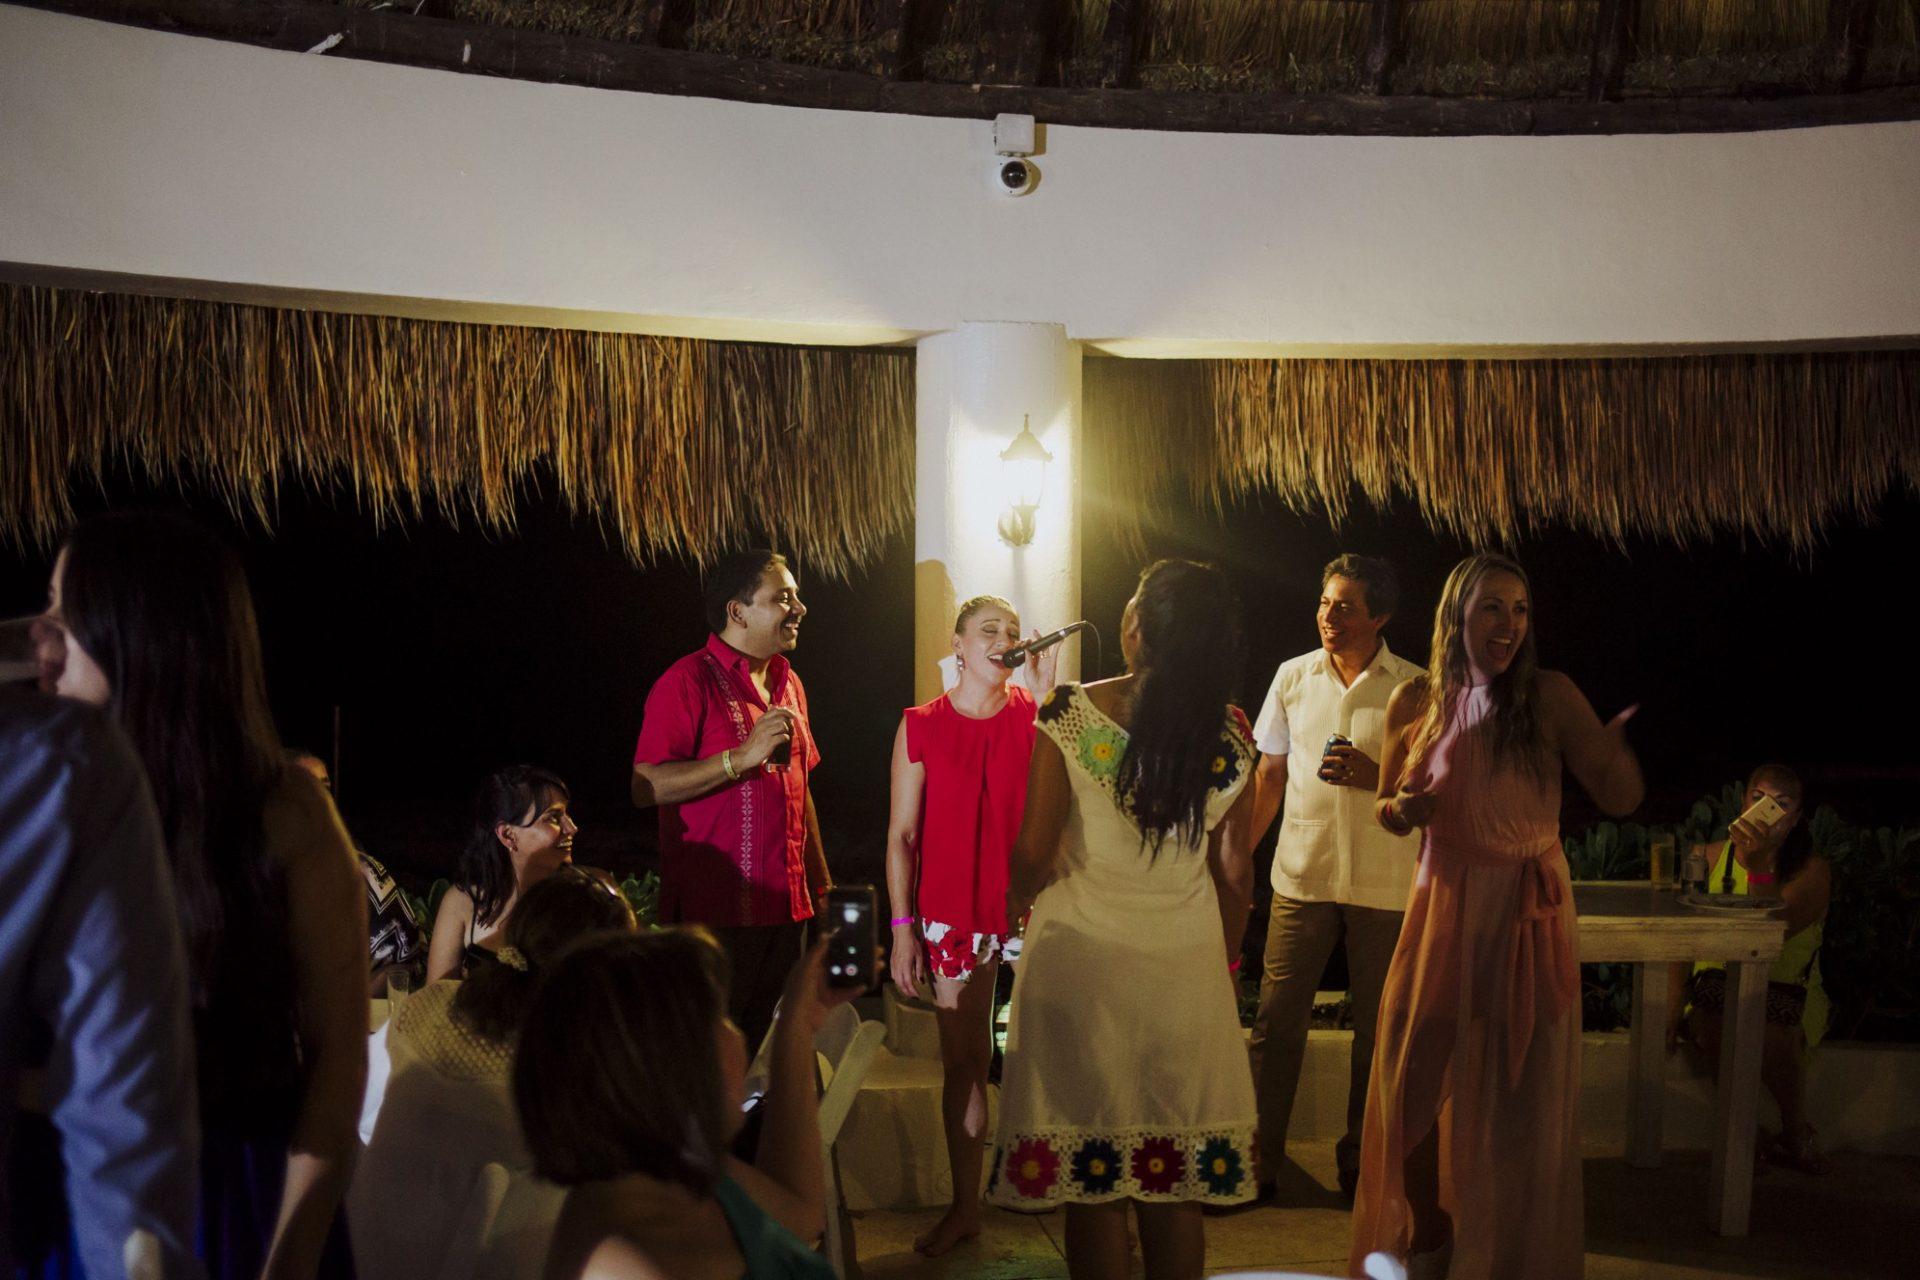 fotografo_bodas_profesional_zacatecas_riviera_maya_cancun-138